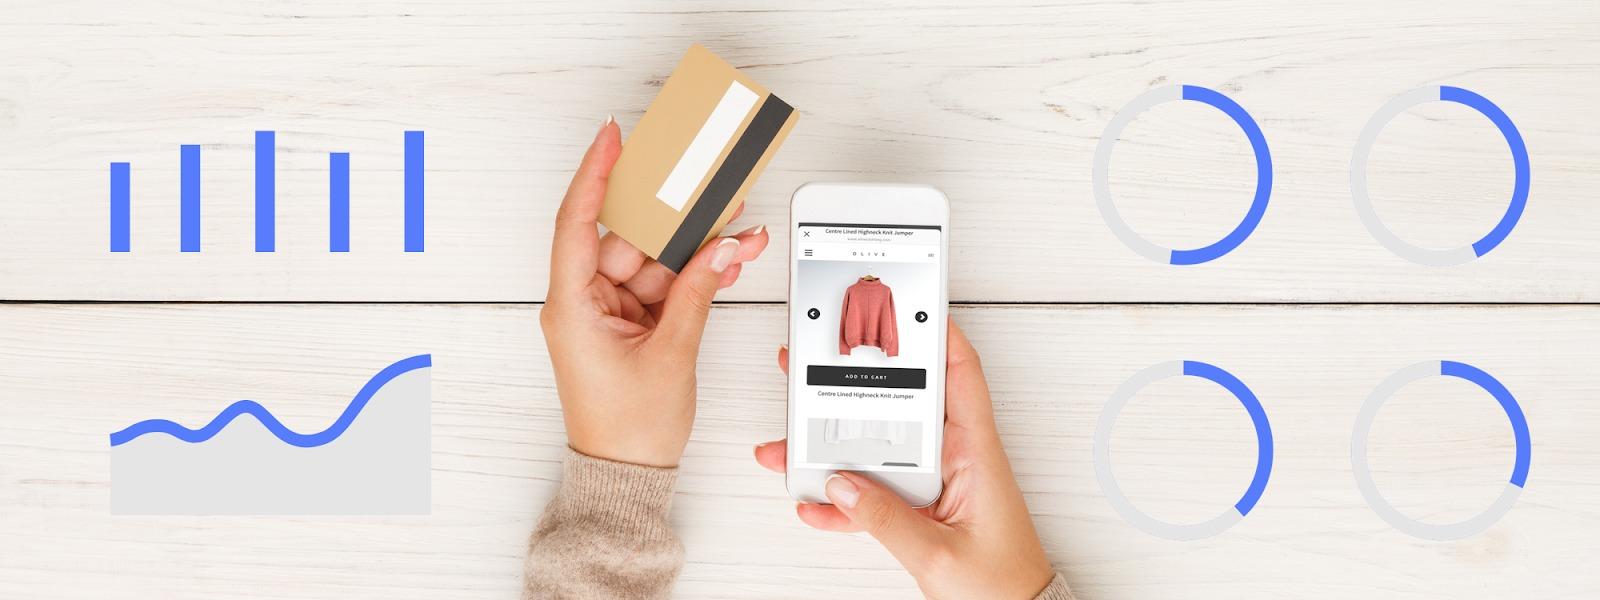 5 strumenti e-commerce indispensabili per aumentare le conversioni